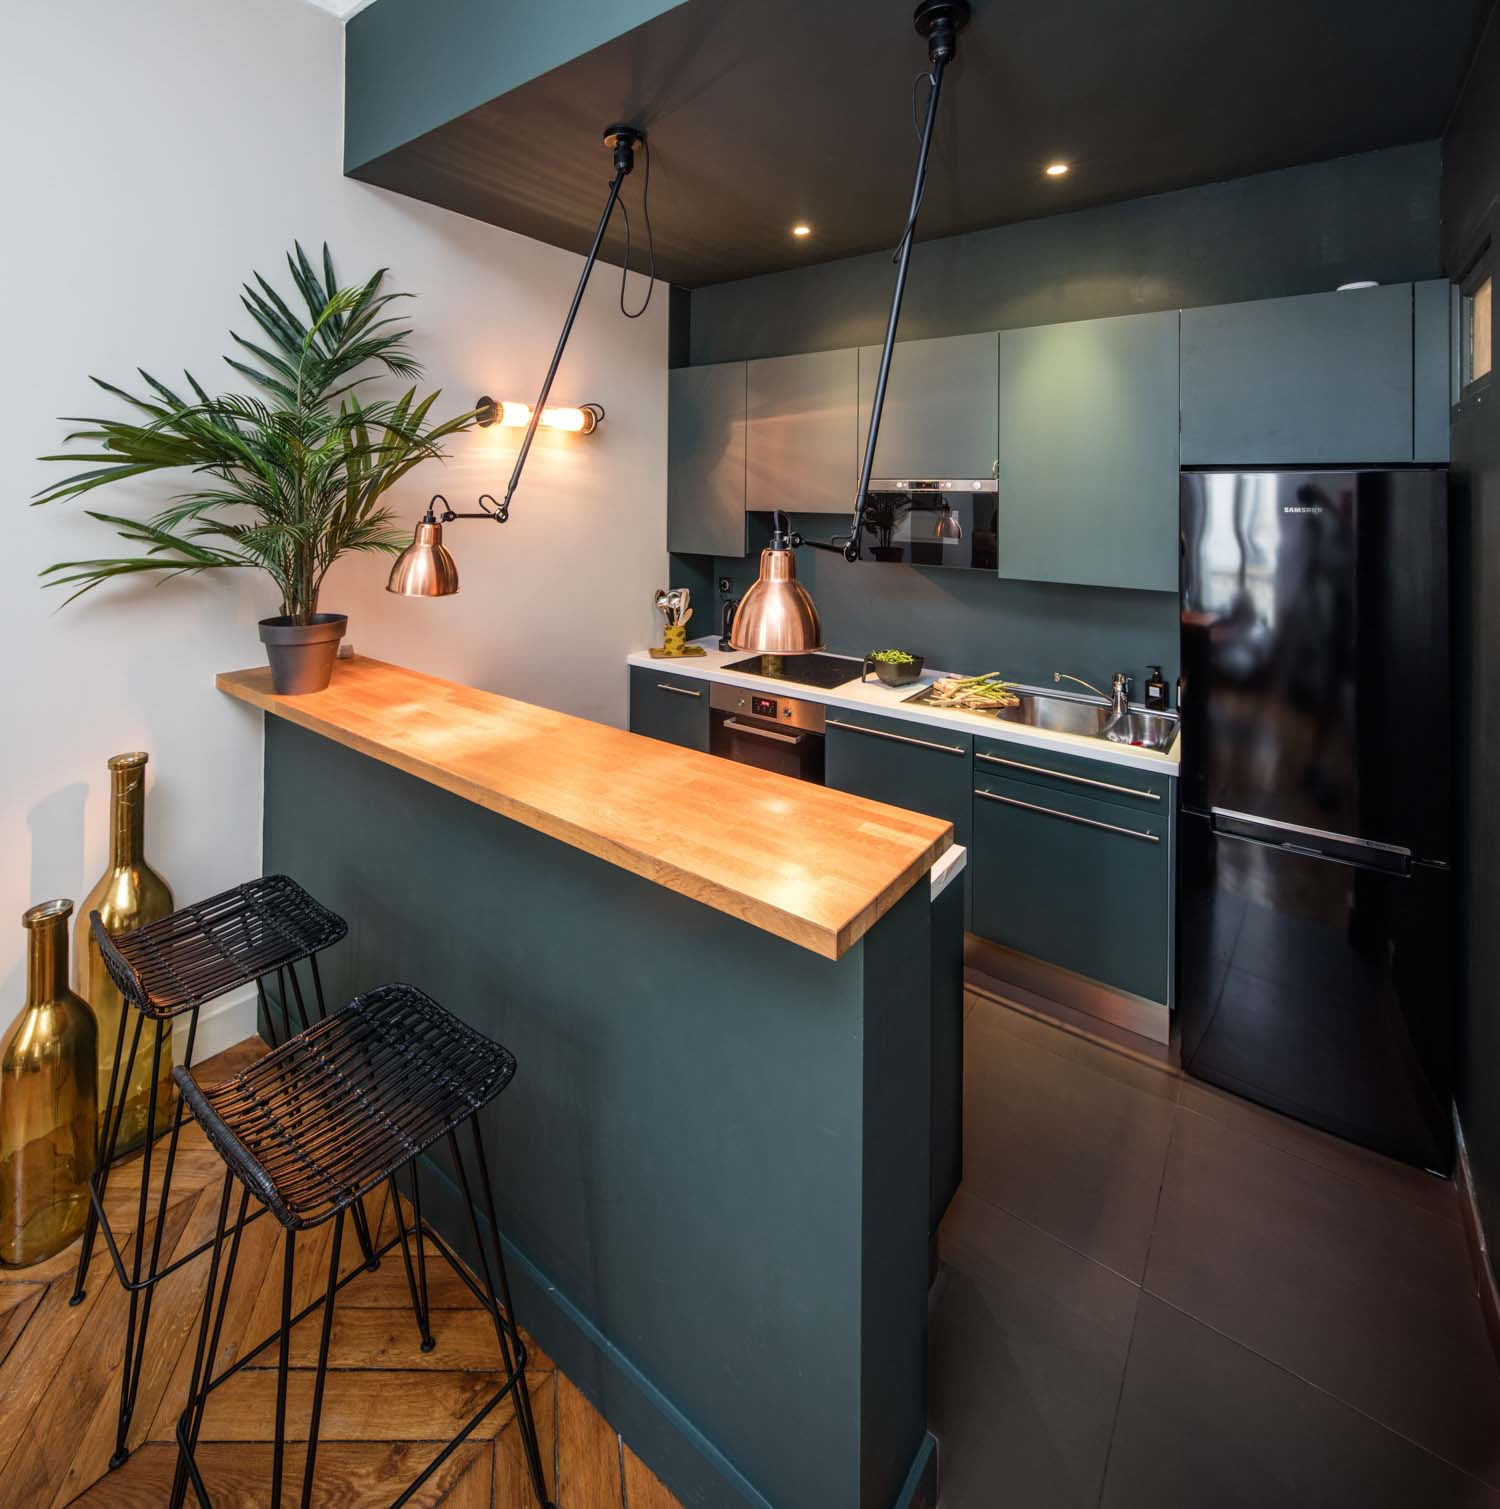 Cuisine Amenagee Design Et Sur Mesure La Compagnie Des Ateliers